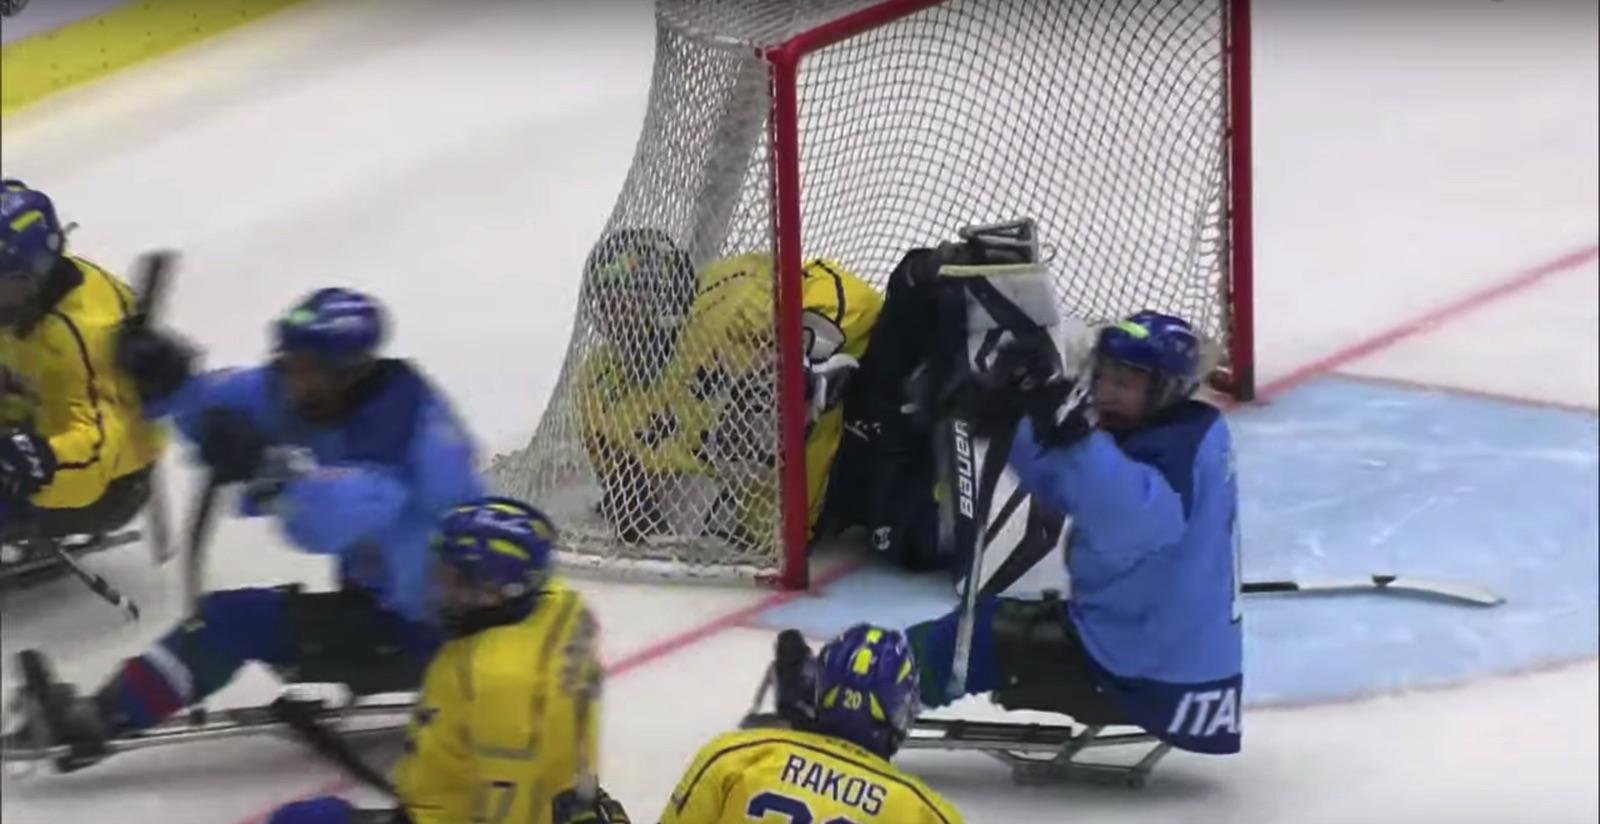 Paraishockey-VM 2019.